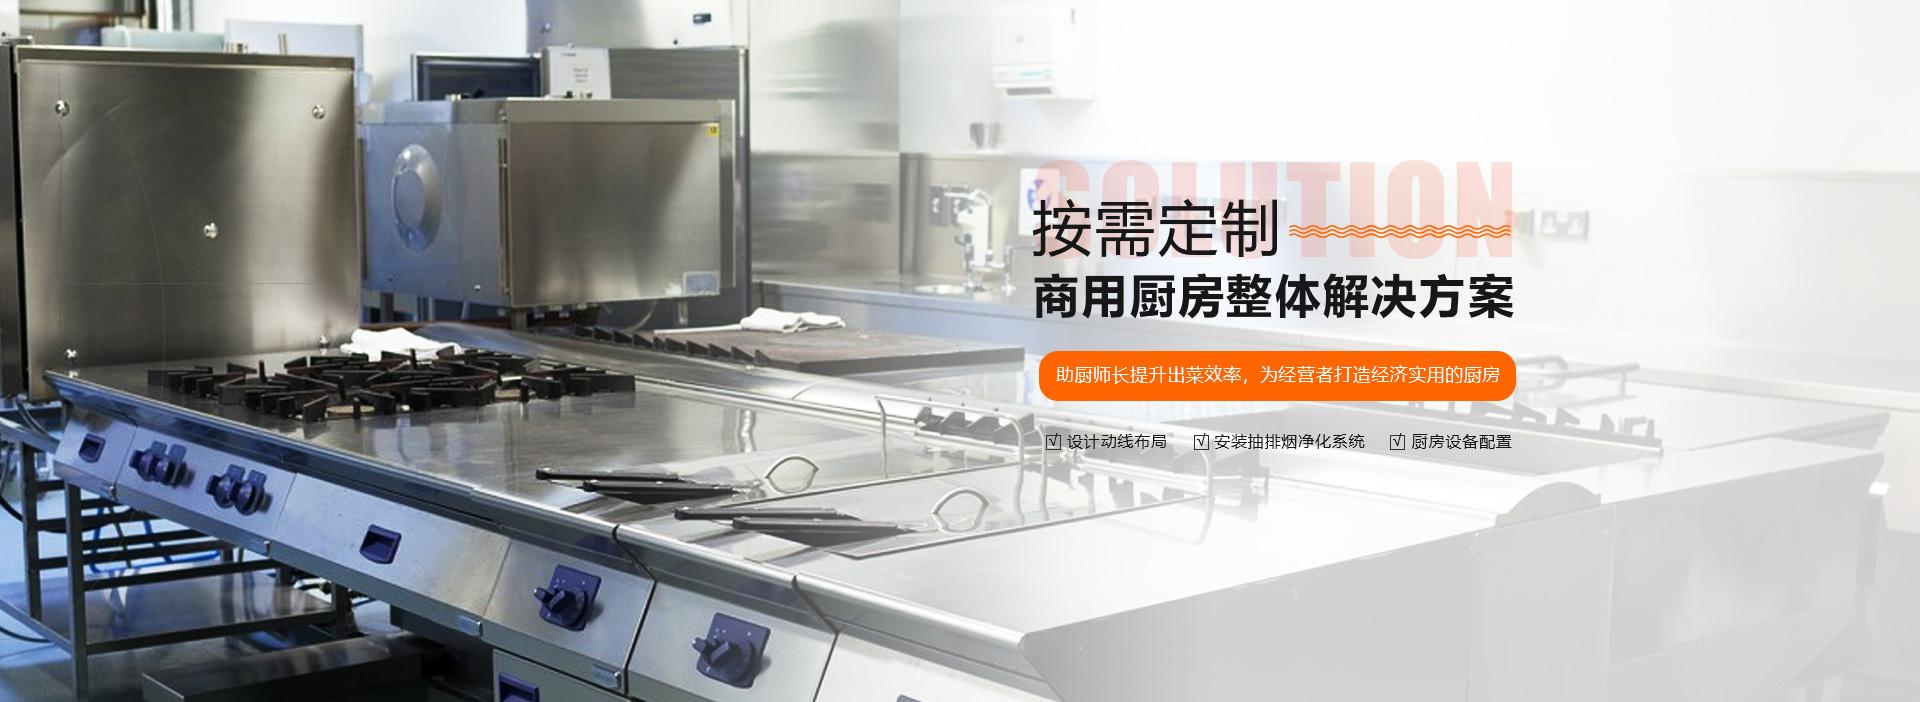 久盛鑫,按需定制商用厨房整体解决方案